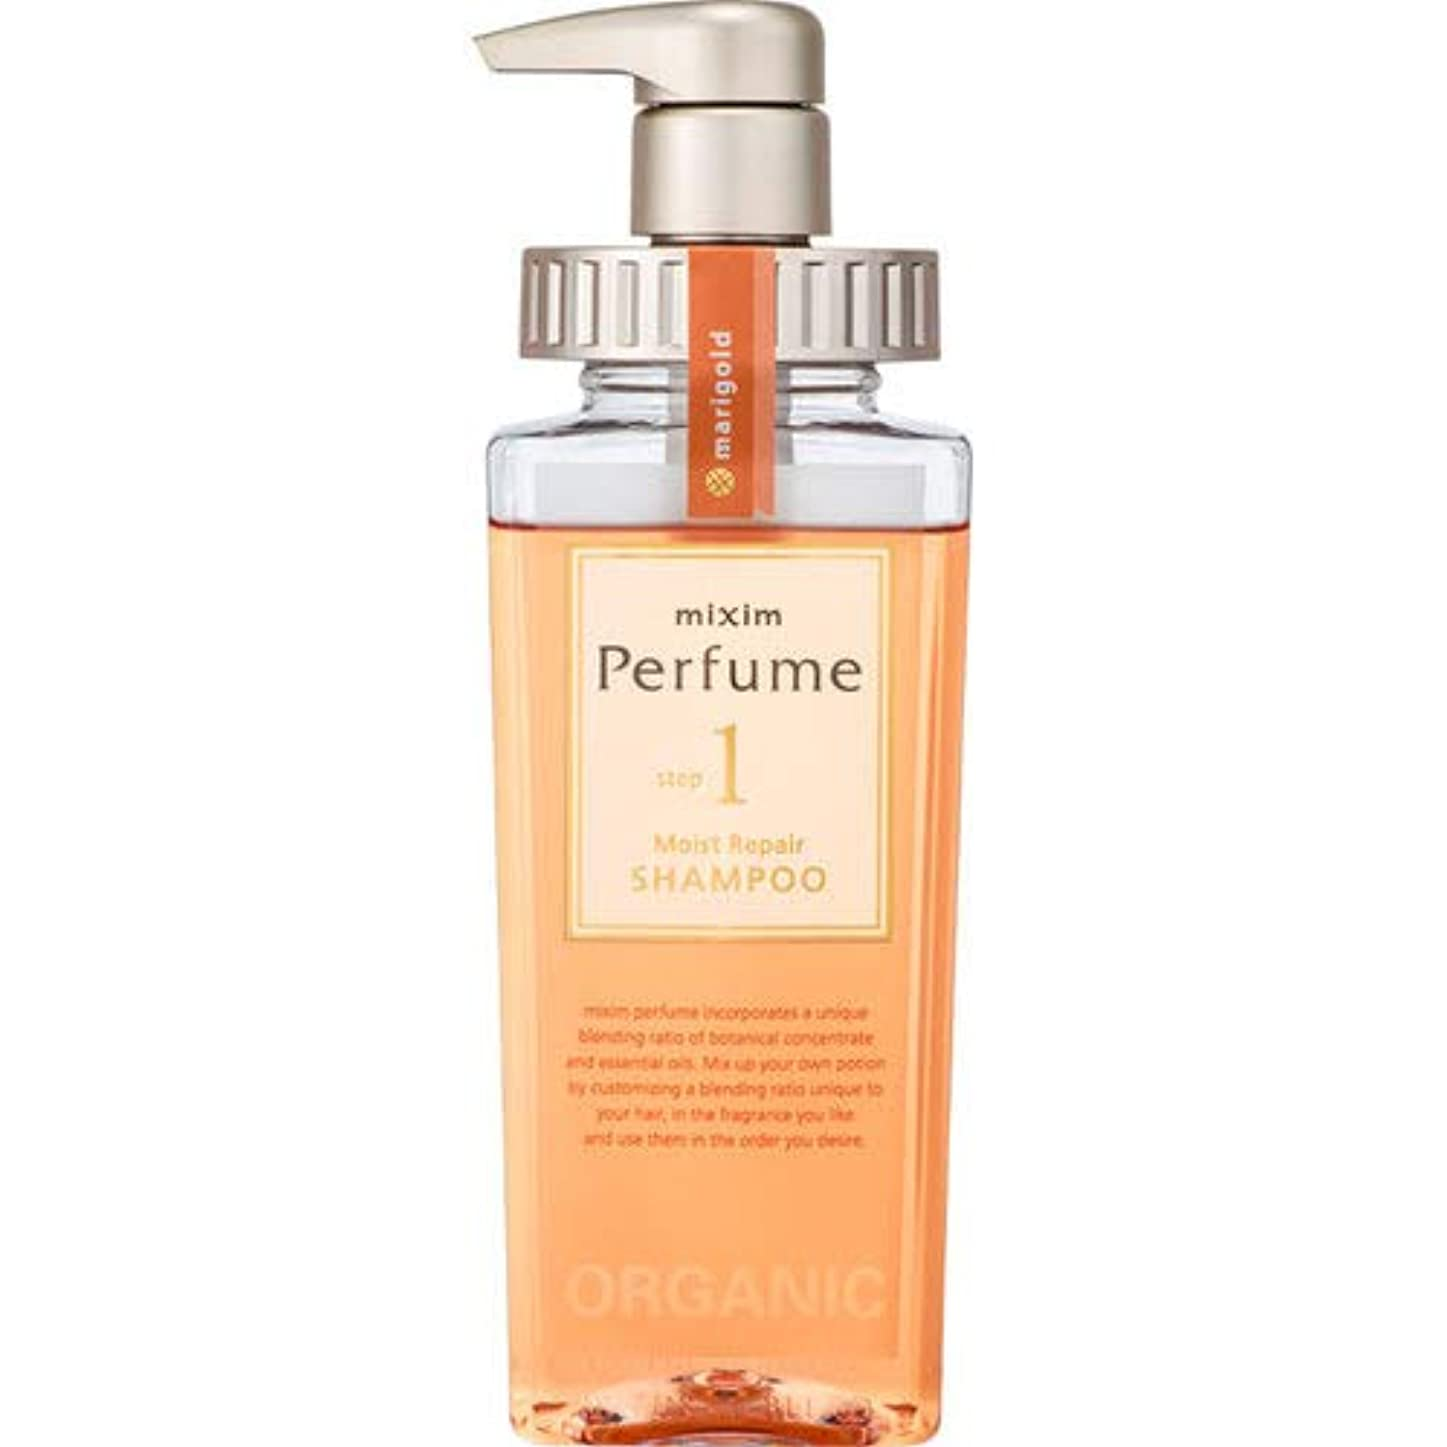 流出の量秘書mixim Perfume(ミクシムパフューム) モイストリペア シャンプー 440mL